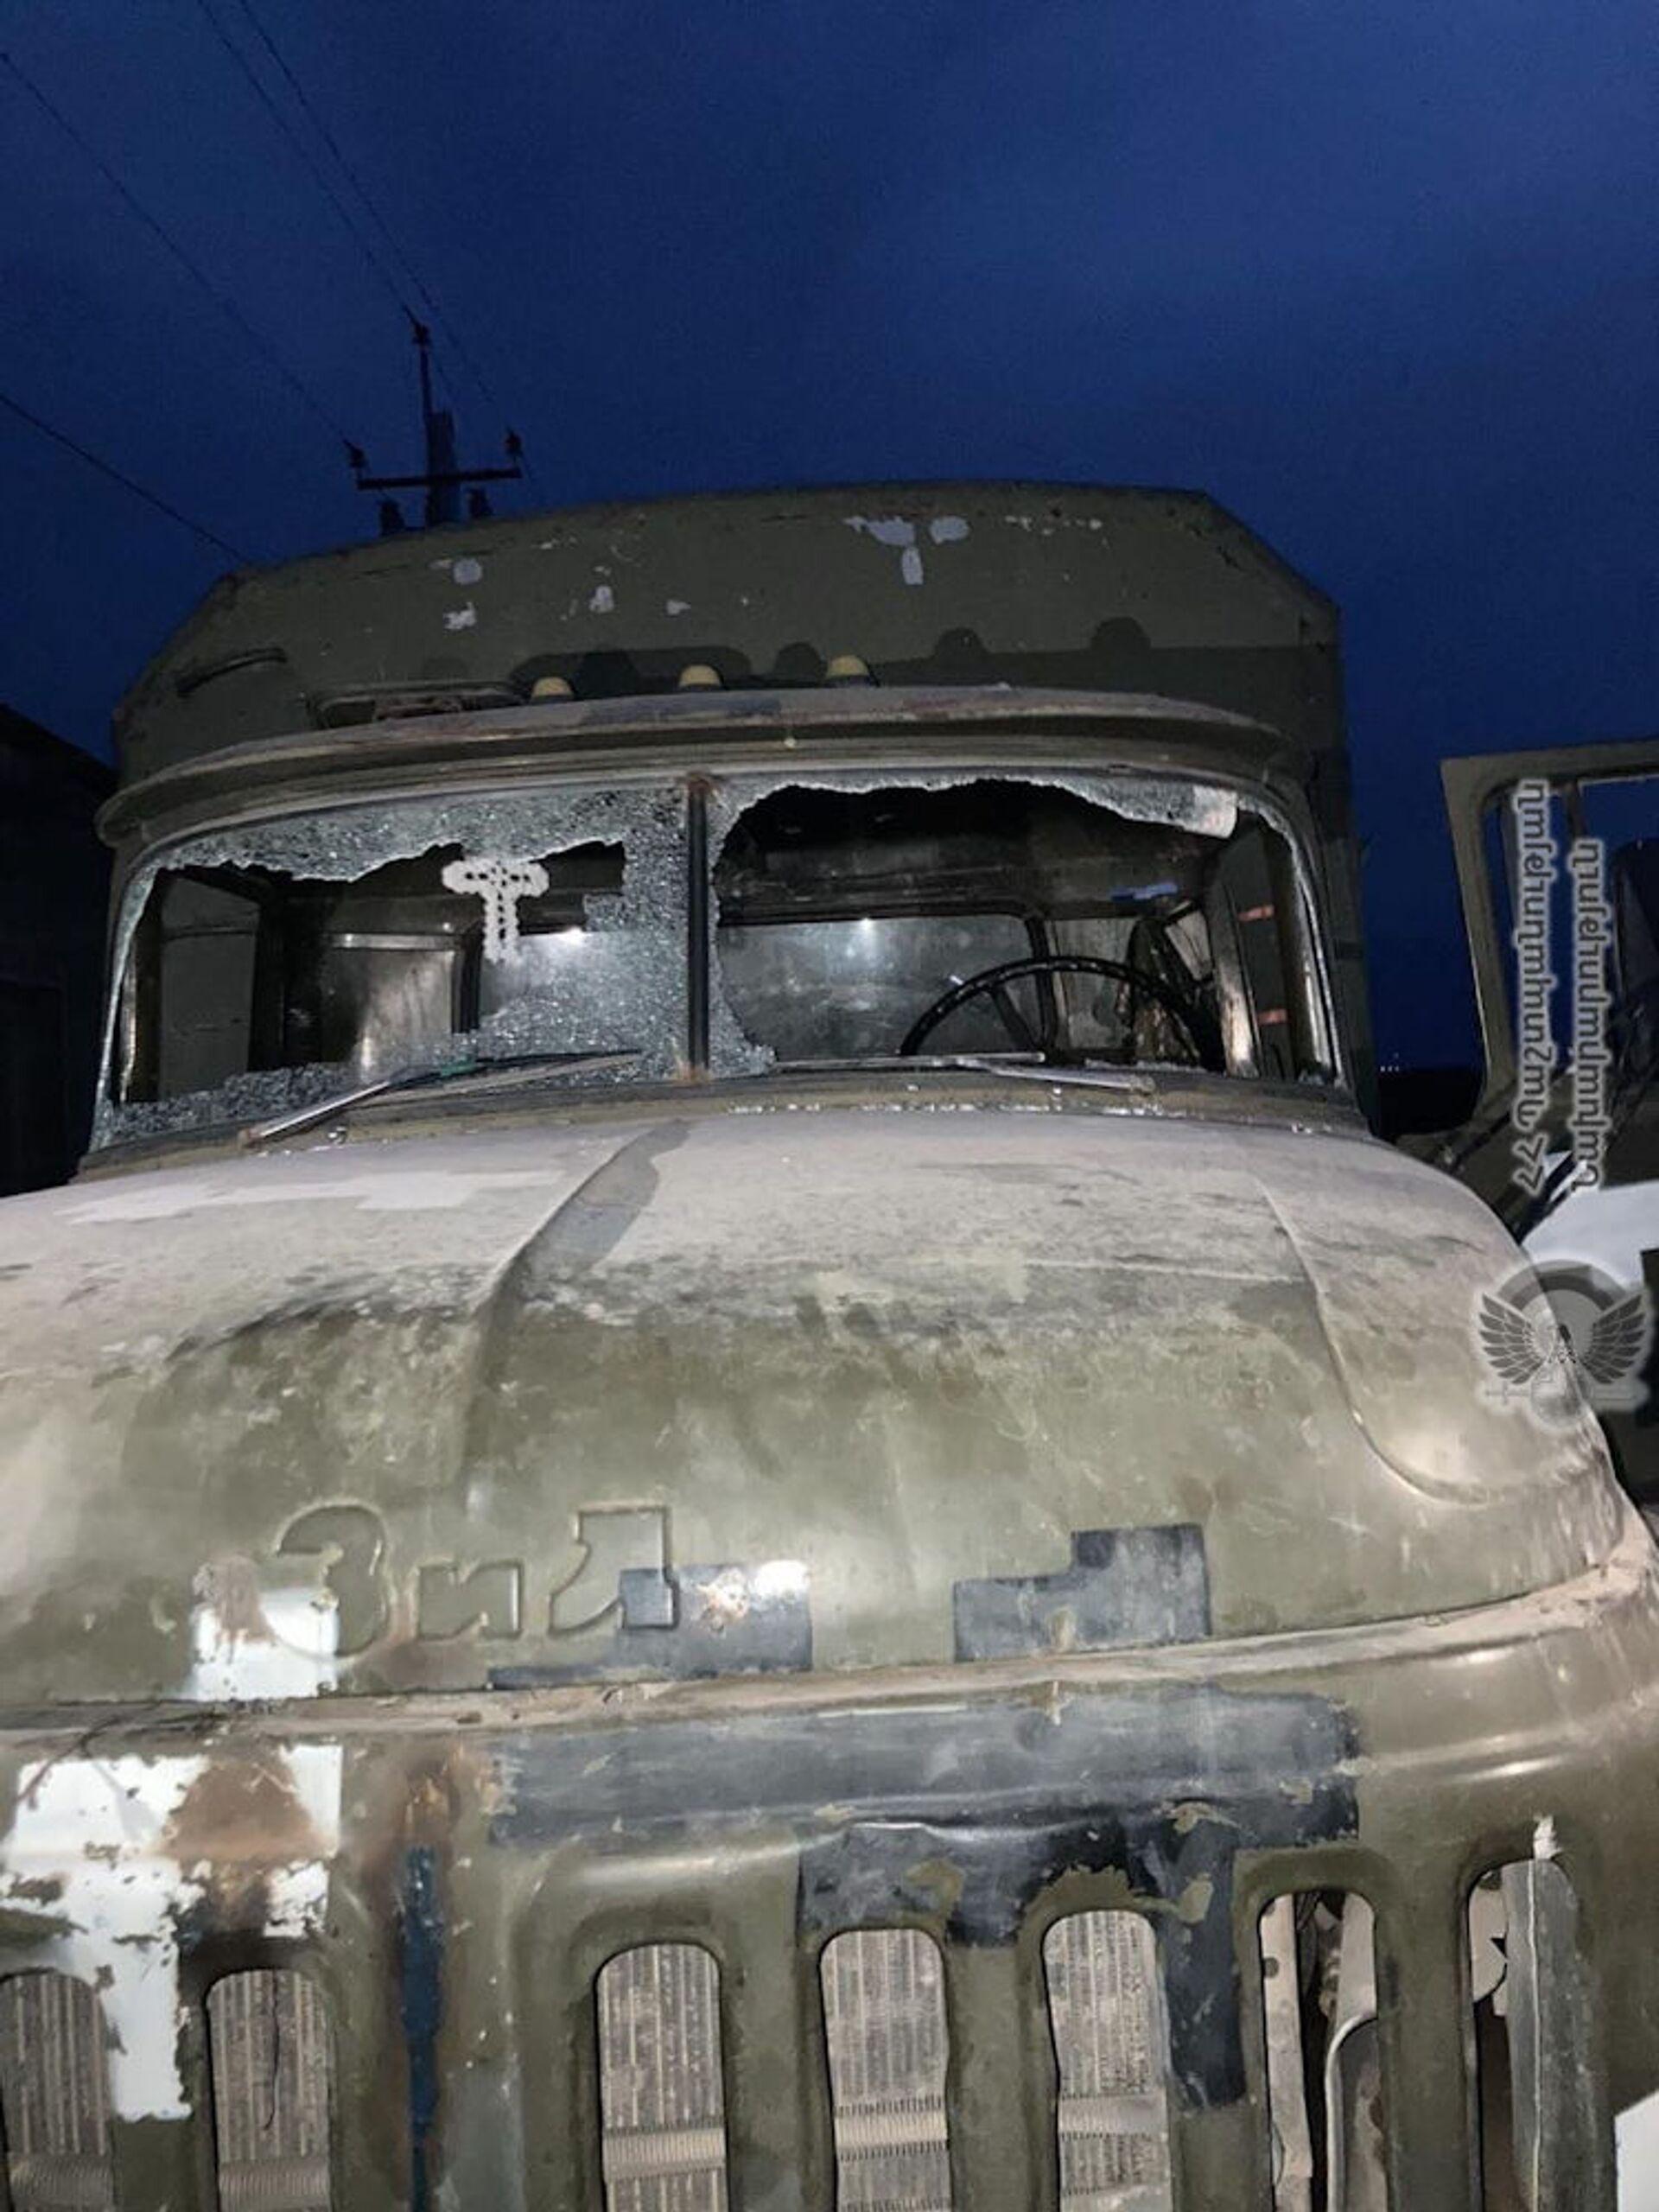 Երասխում ադրբեջանցիները կրակել են սնունդ տեղափոխող մեքենայի վրա - Sputnik Արմենիա, 1920, 31.07.2021